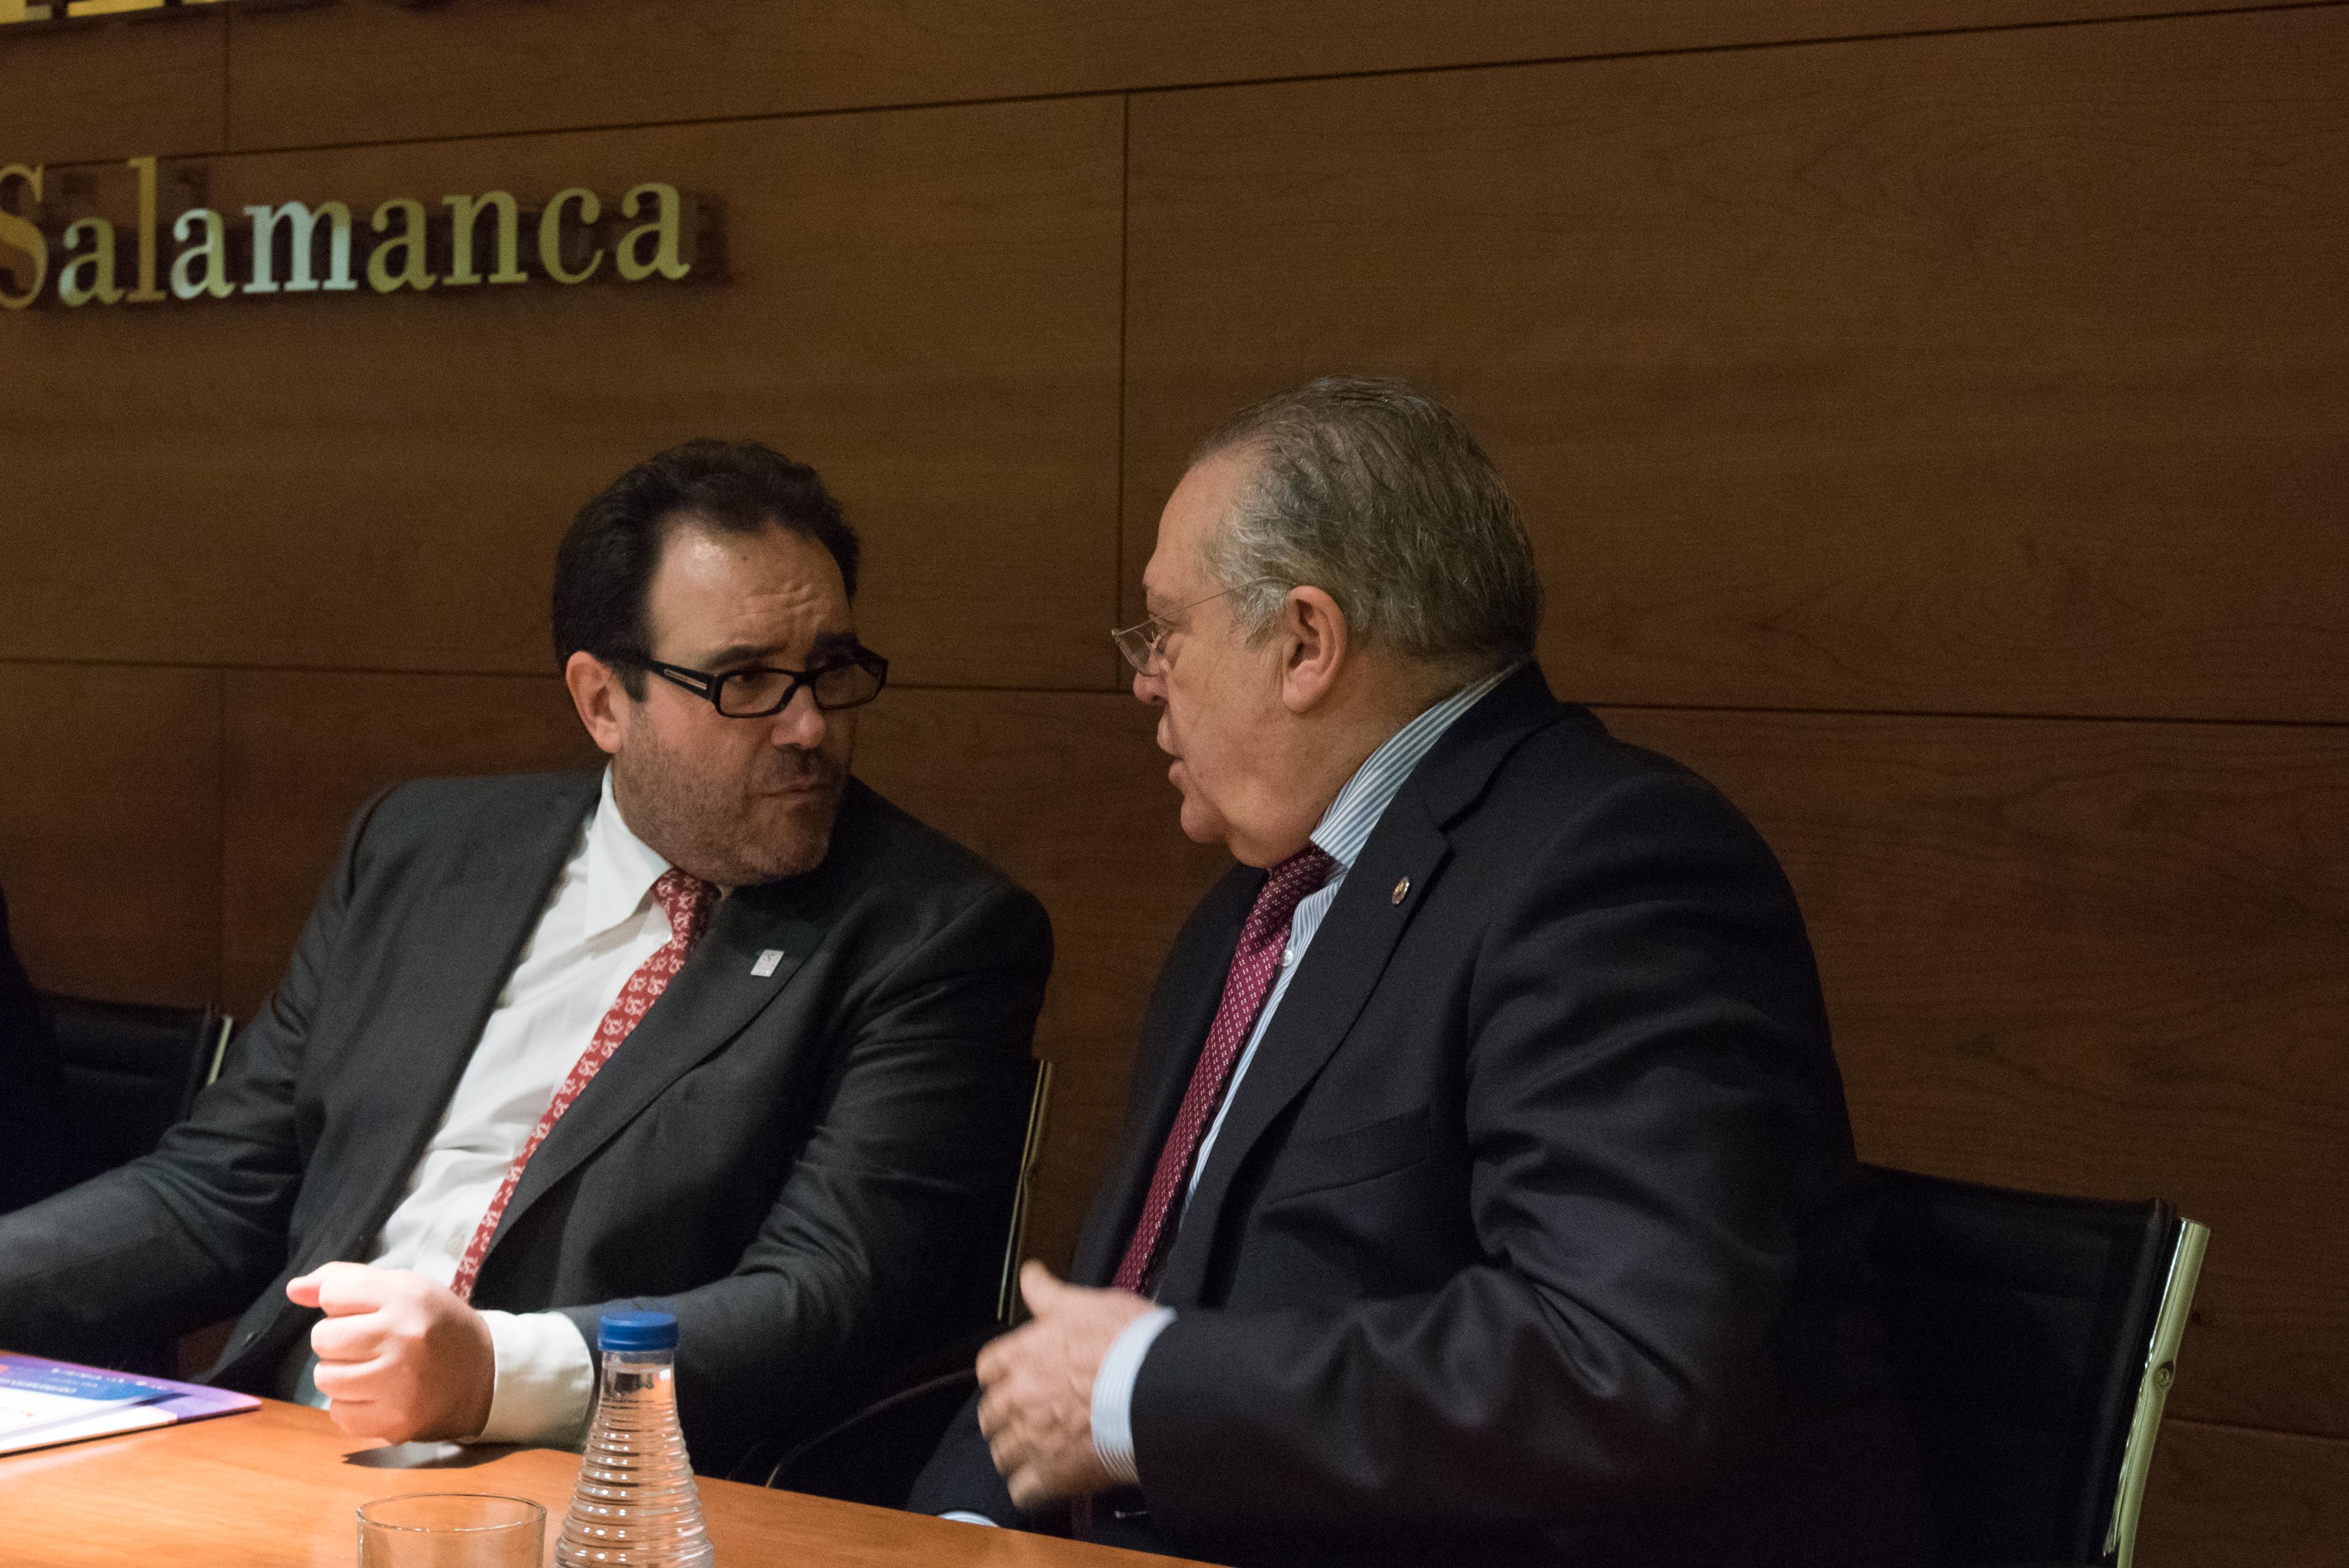 La Universidad de Salamanca y la Cámara de Comercio promueven la colaboración en el marco del VIII Centenario